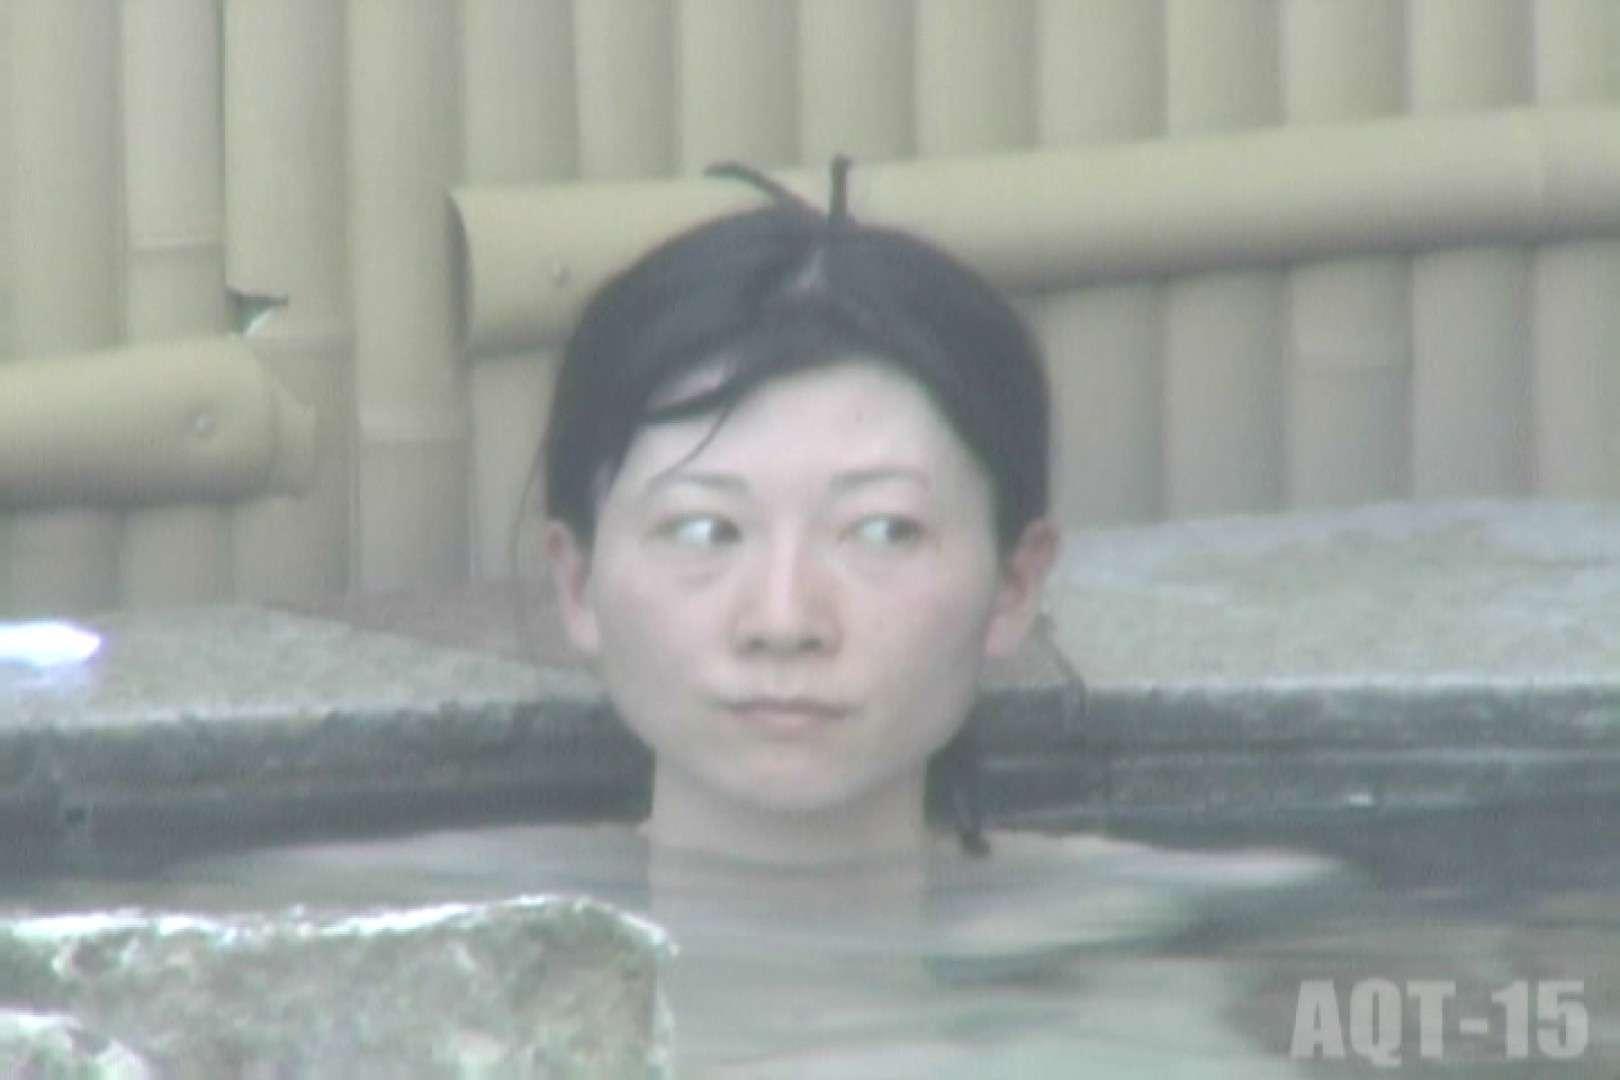 Aquaな露天風呂Vol.835 盗撮   OLのエロ生活  65連発 34